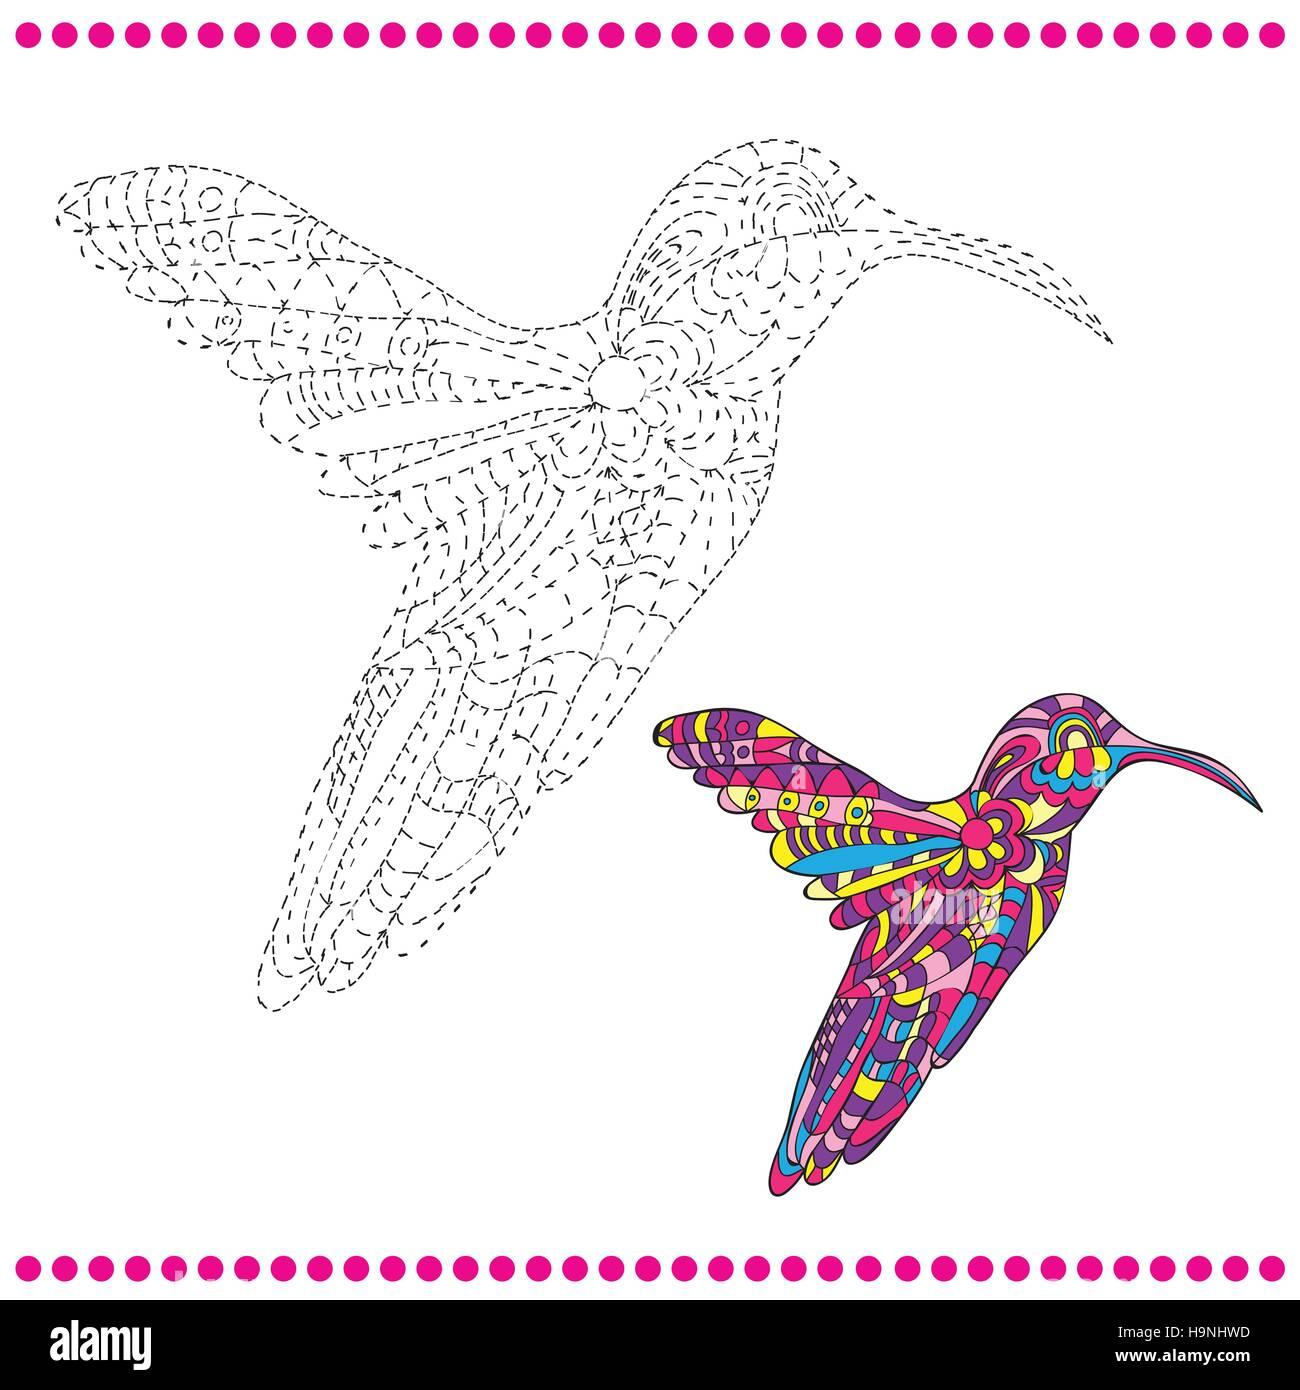 Verbinden Sie die Punkte und Malvorlagen - Kolibri Vektor Abbildung ...